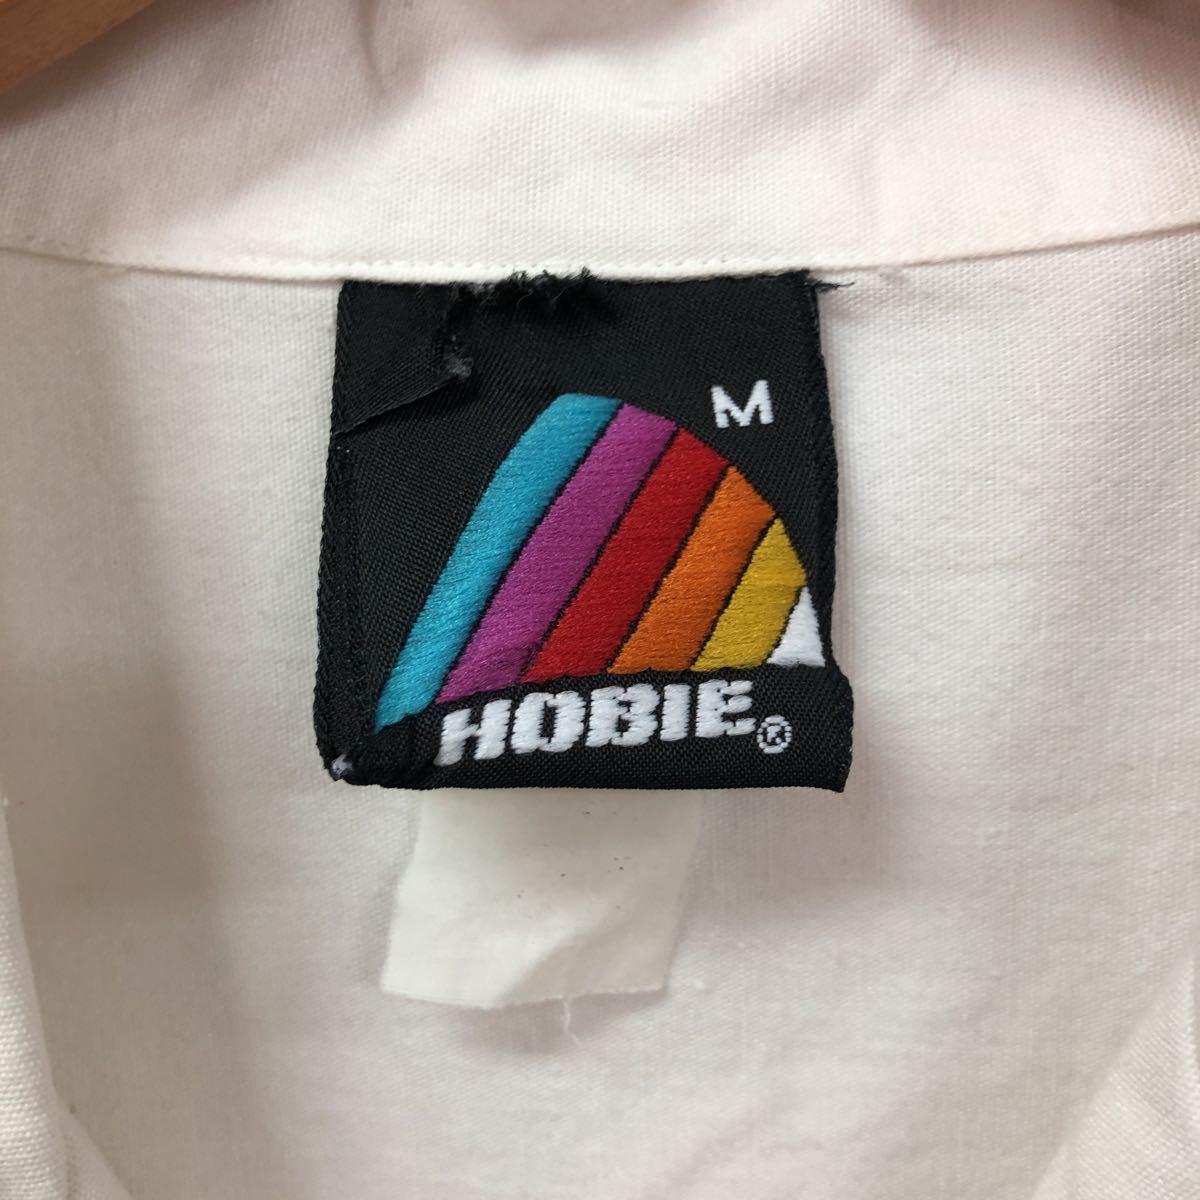 80sホビーコットンアロハシャツMサイズウィンドサーフィン半袖シャツ開襟オープンカラーボックスタイプオールドサーフハンテンビラボン_画像3